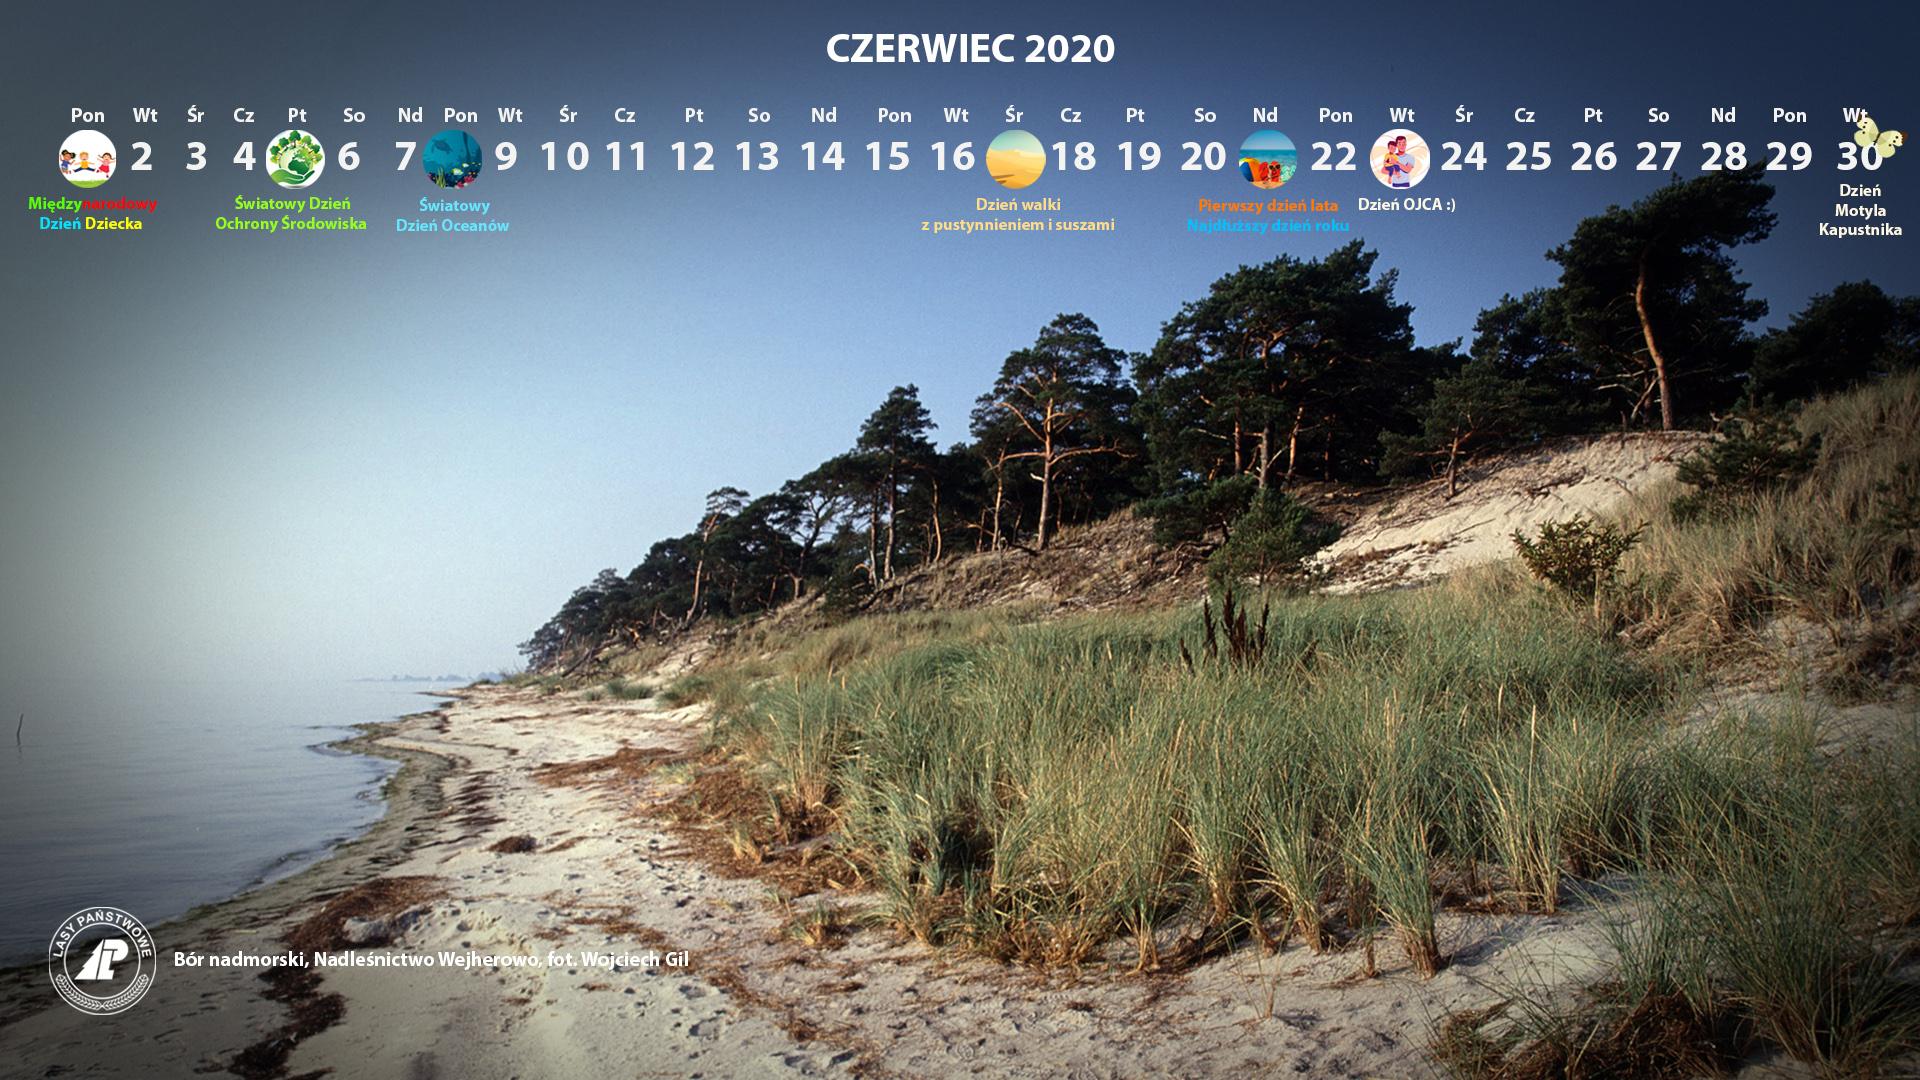 Kalendarz czerwiec 2020 1920x1080.jpg